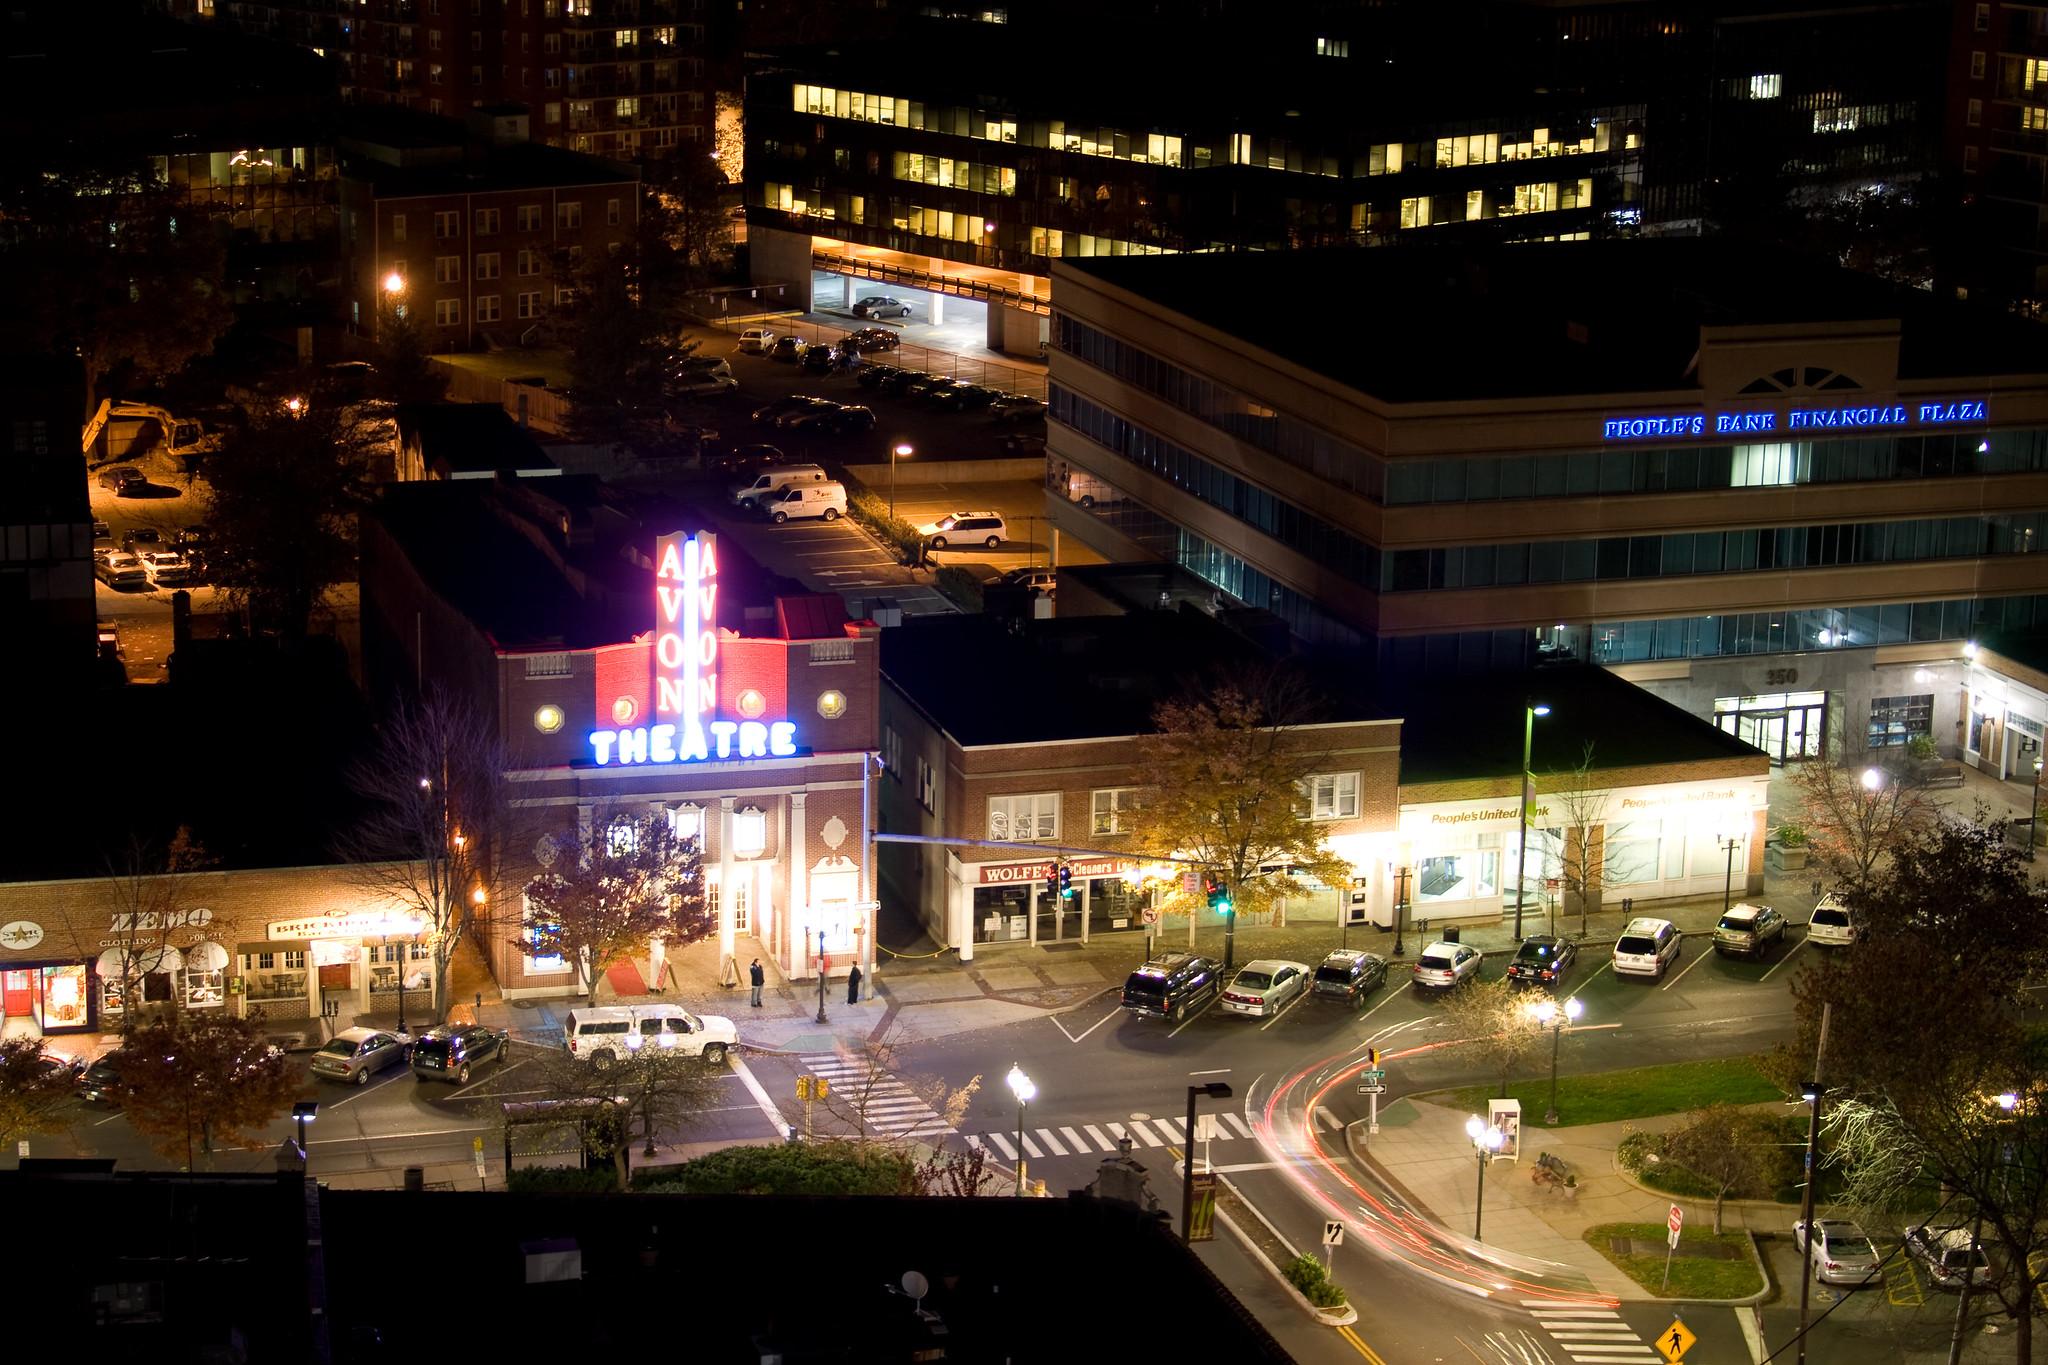 Avon Theatre Film Center